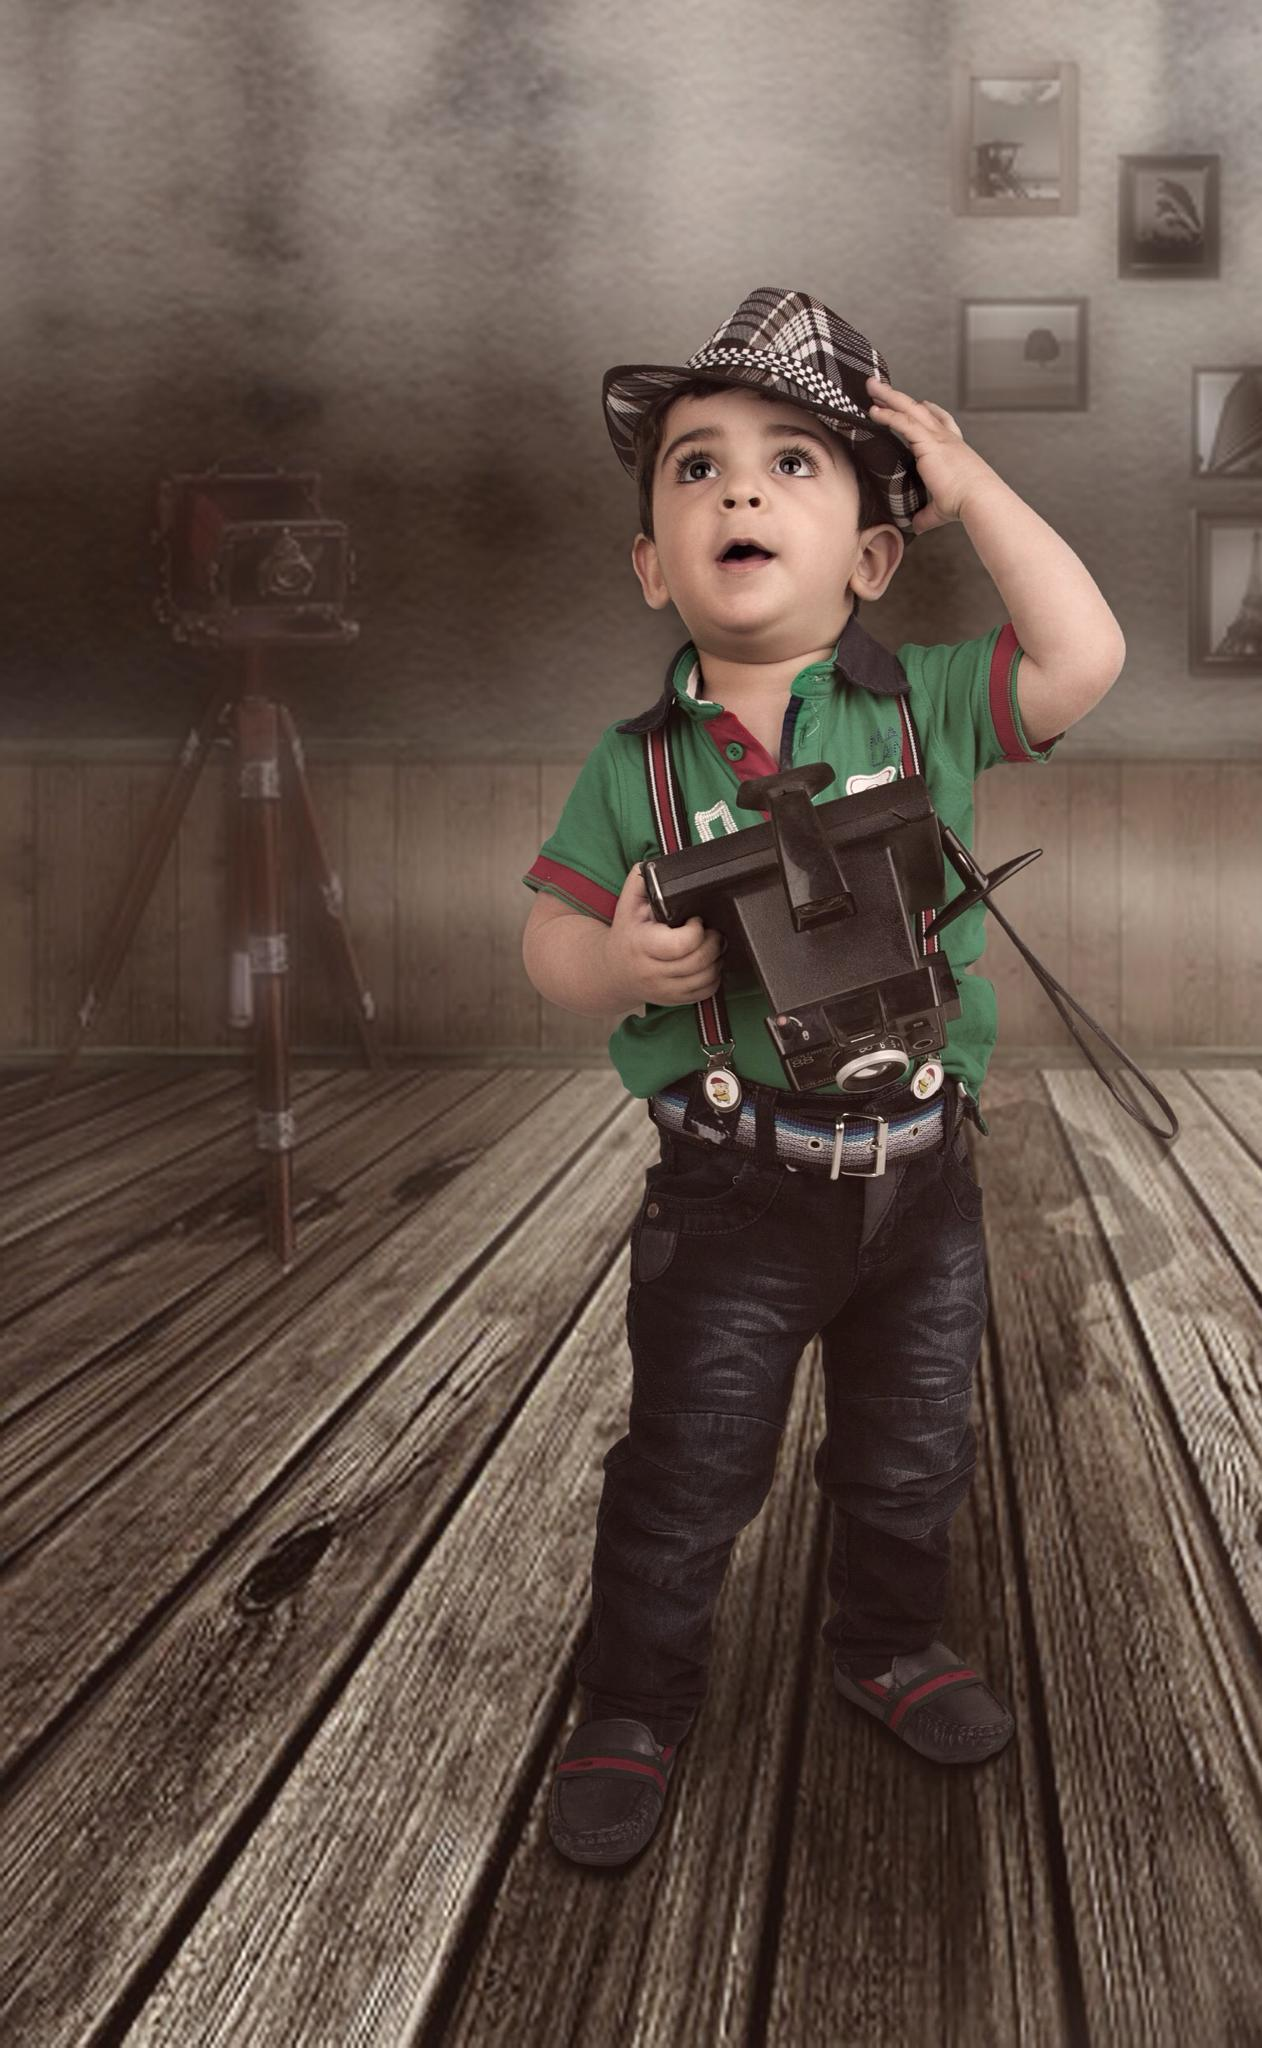 Yazen photographer by Ali Bader